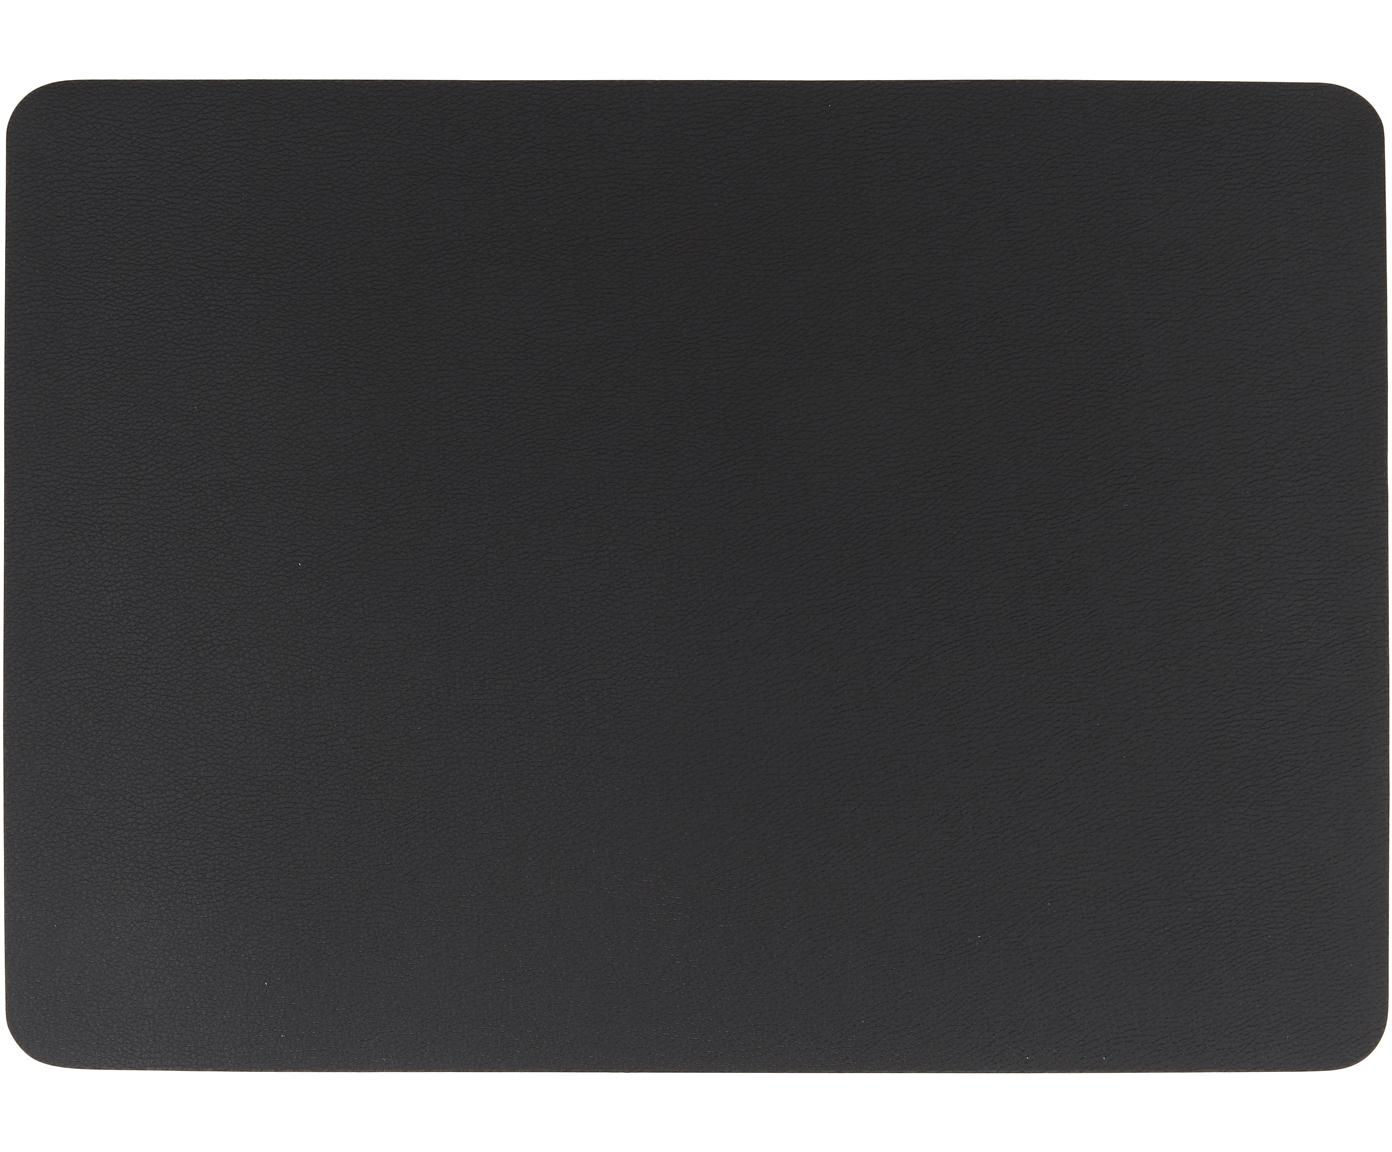 Manteles individuales de cuero sintético Pik, 2uds., Cuero sintético (PVC), Negro, An 33 x L 46 cm